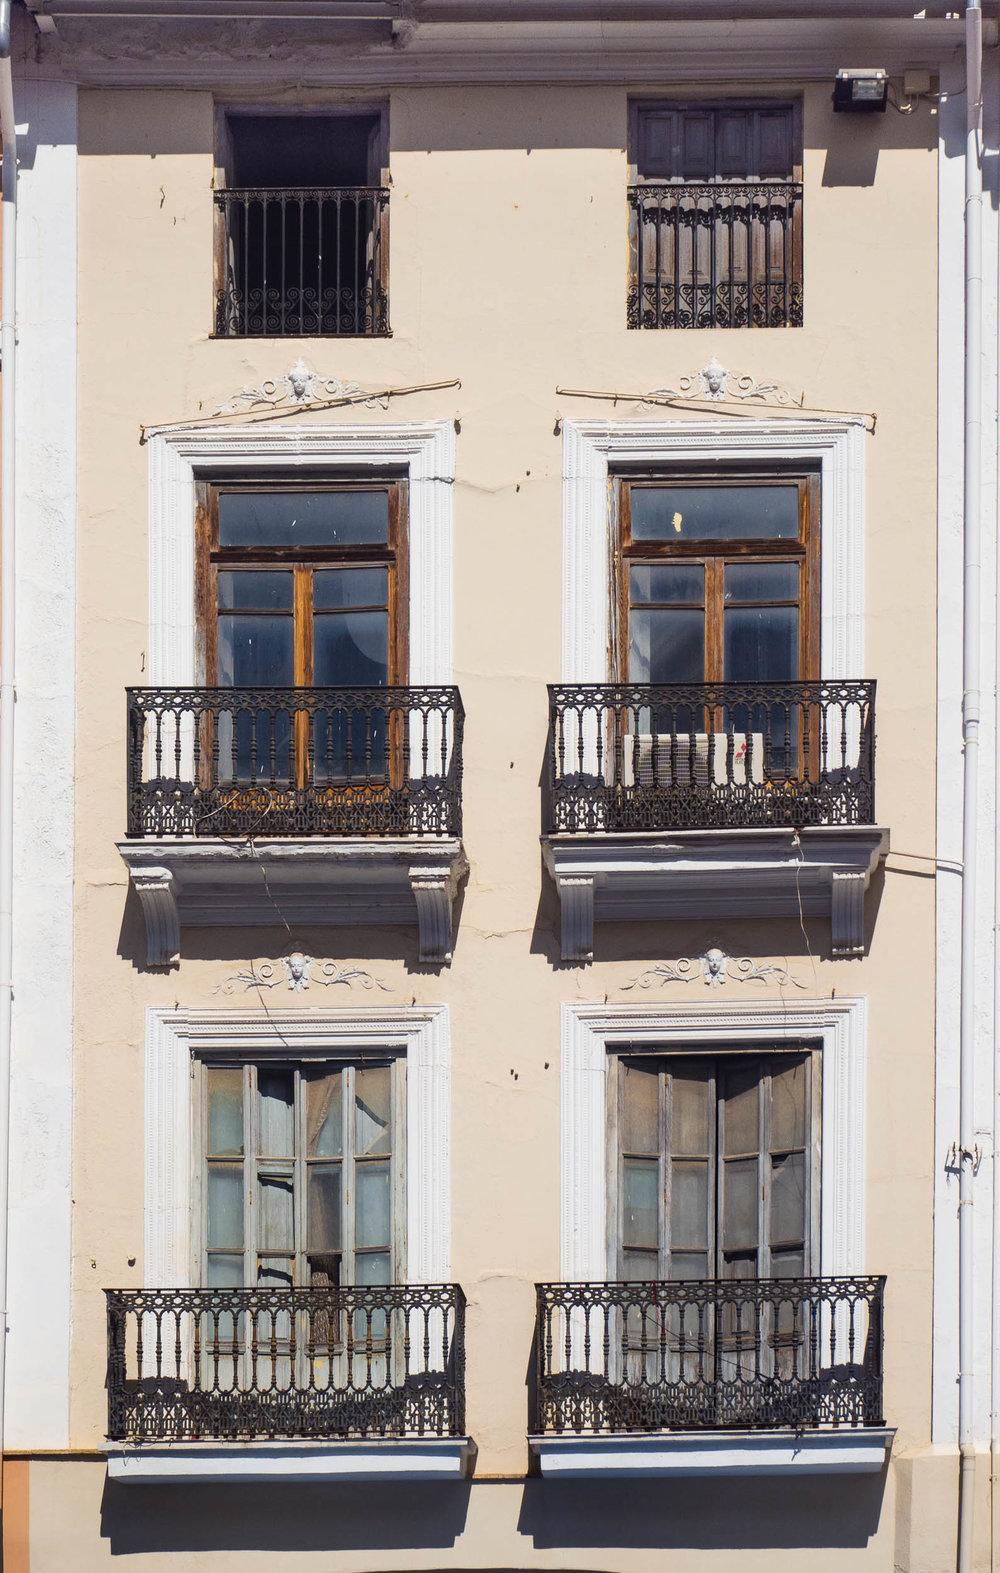 Spanish_windows_Xativa_yellow-3160097.jpg